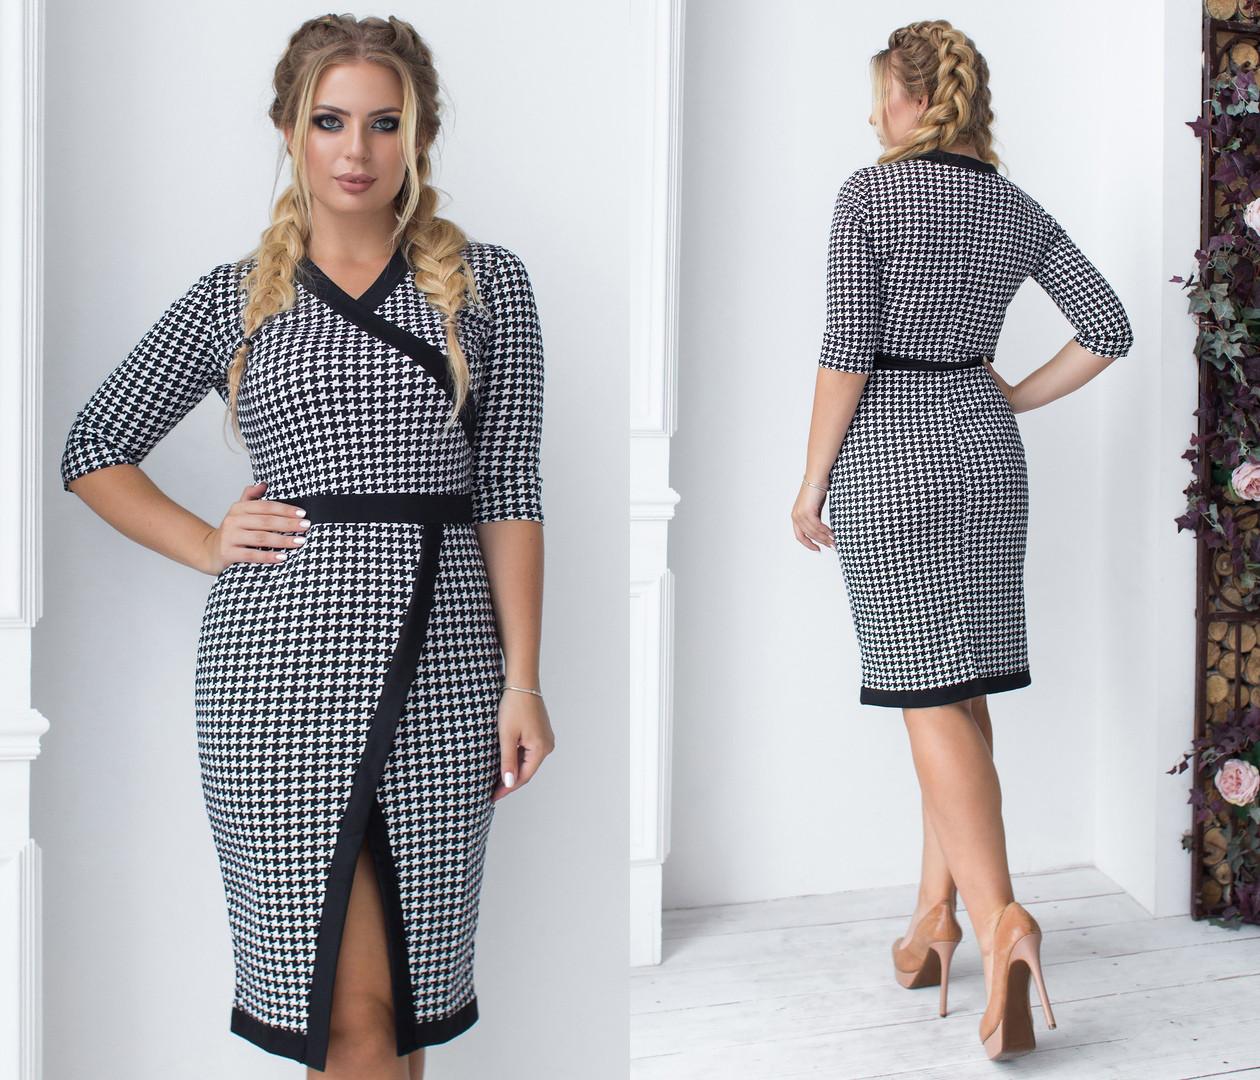 baa0c935eb1 Элегантное облегающее черно-белое женское платье-миди. Размеры   48 ...